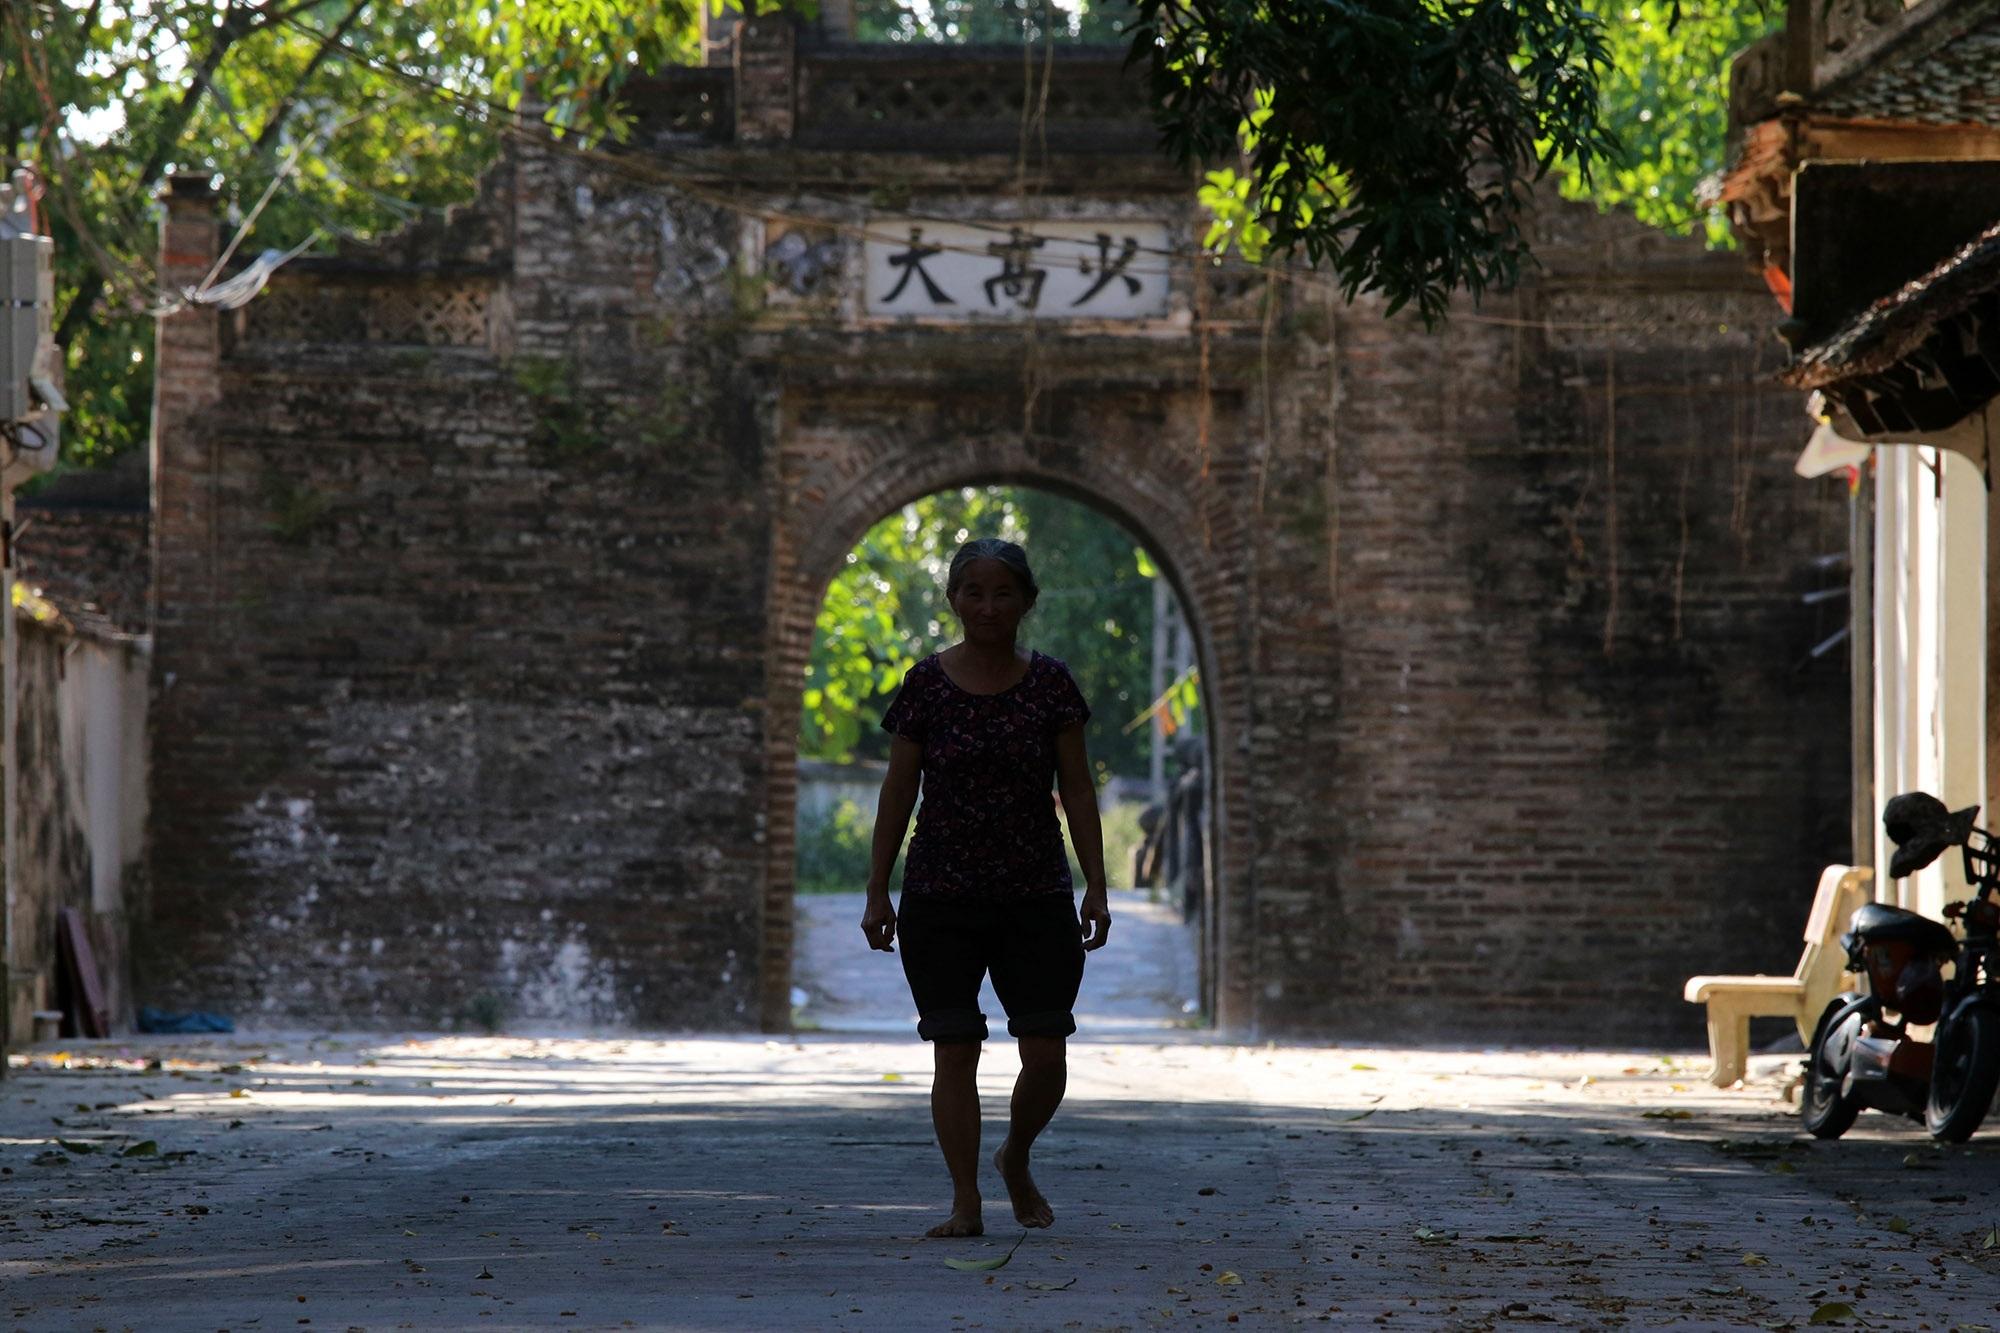 Khám phá vẻ đẹp của cổng làng đồ sộ trải qua 5 thế kỷ tại ngoại ô Hà Nội - 3